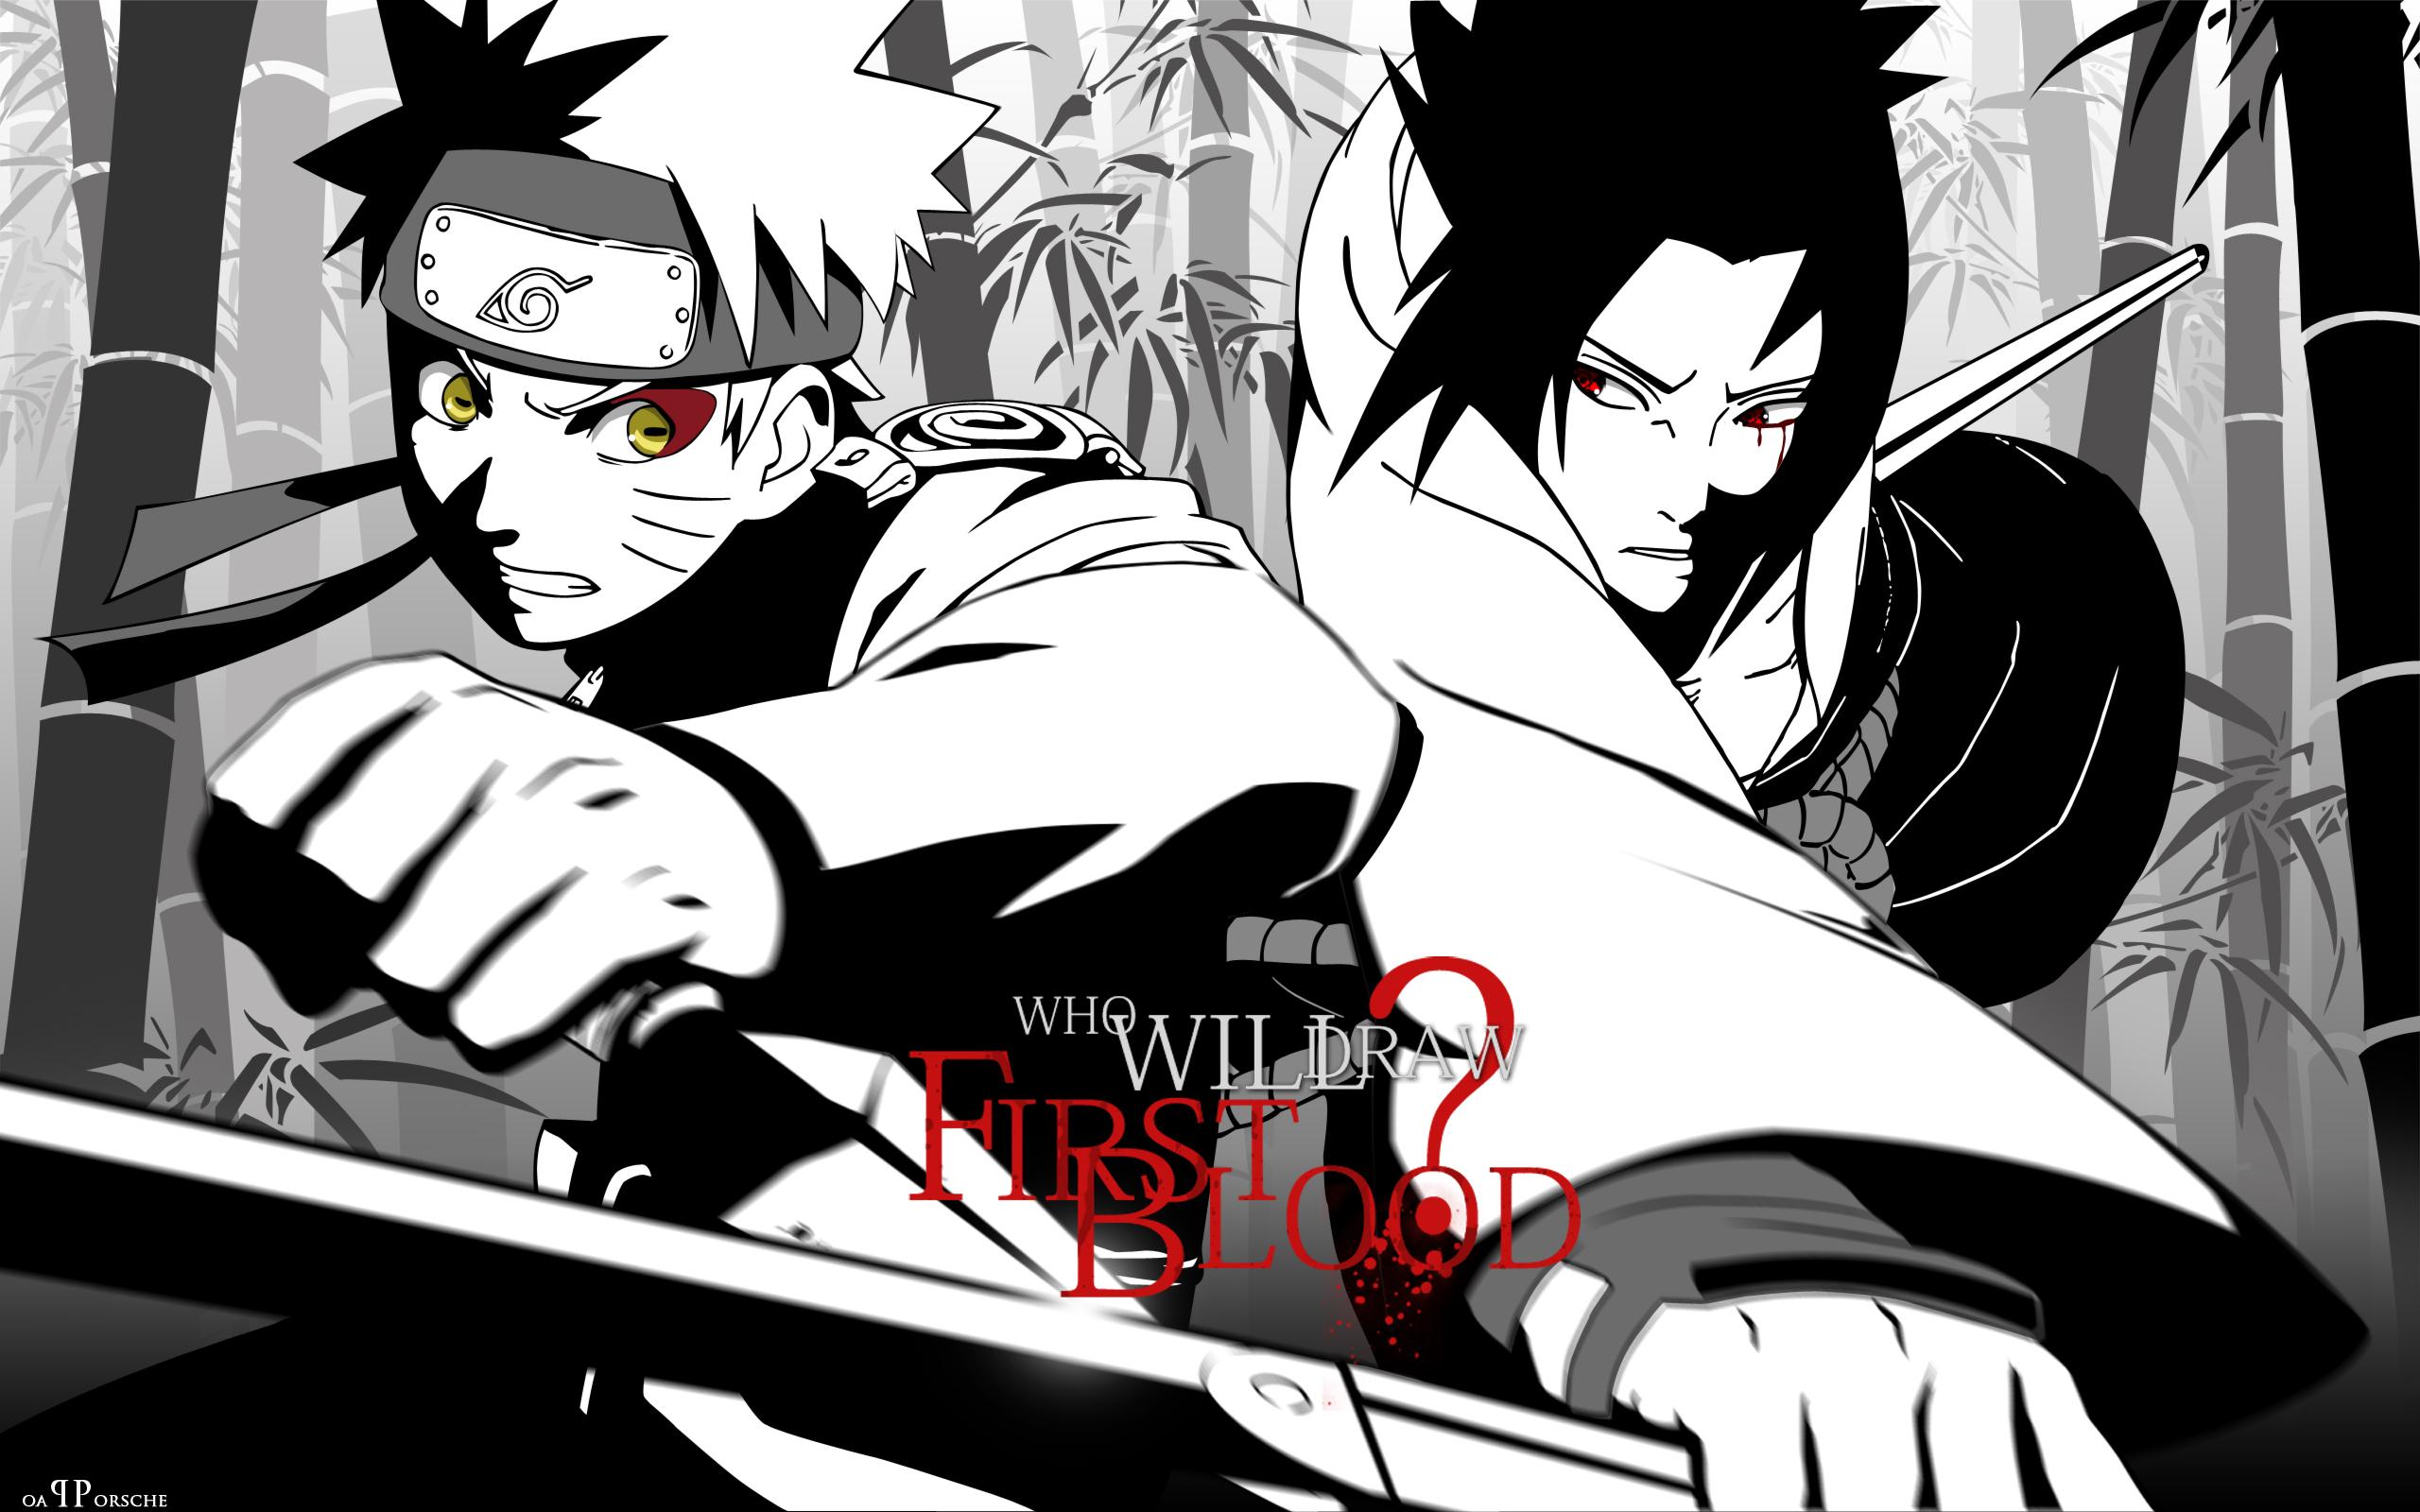 Naruto Shippuuden images Naruto vs. Sasuke wallpaper photos (19942440)